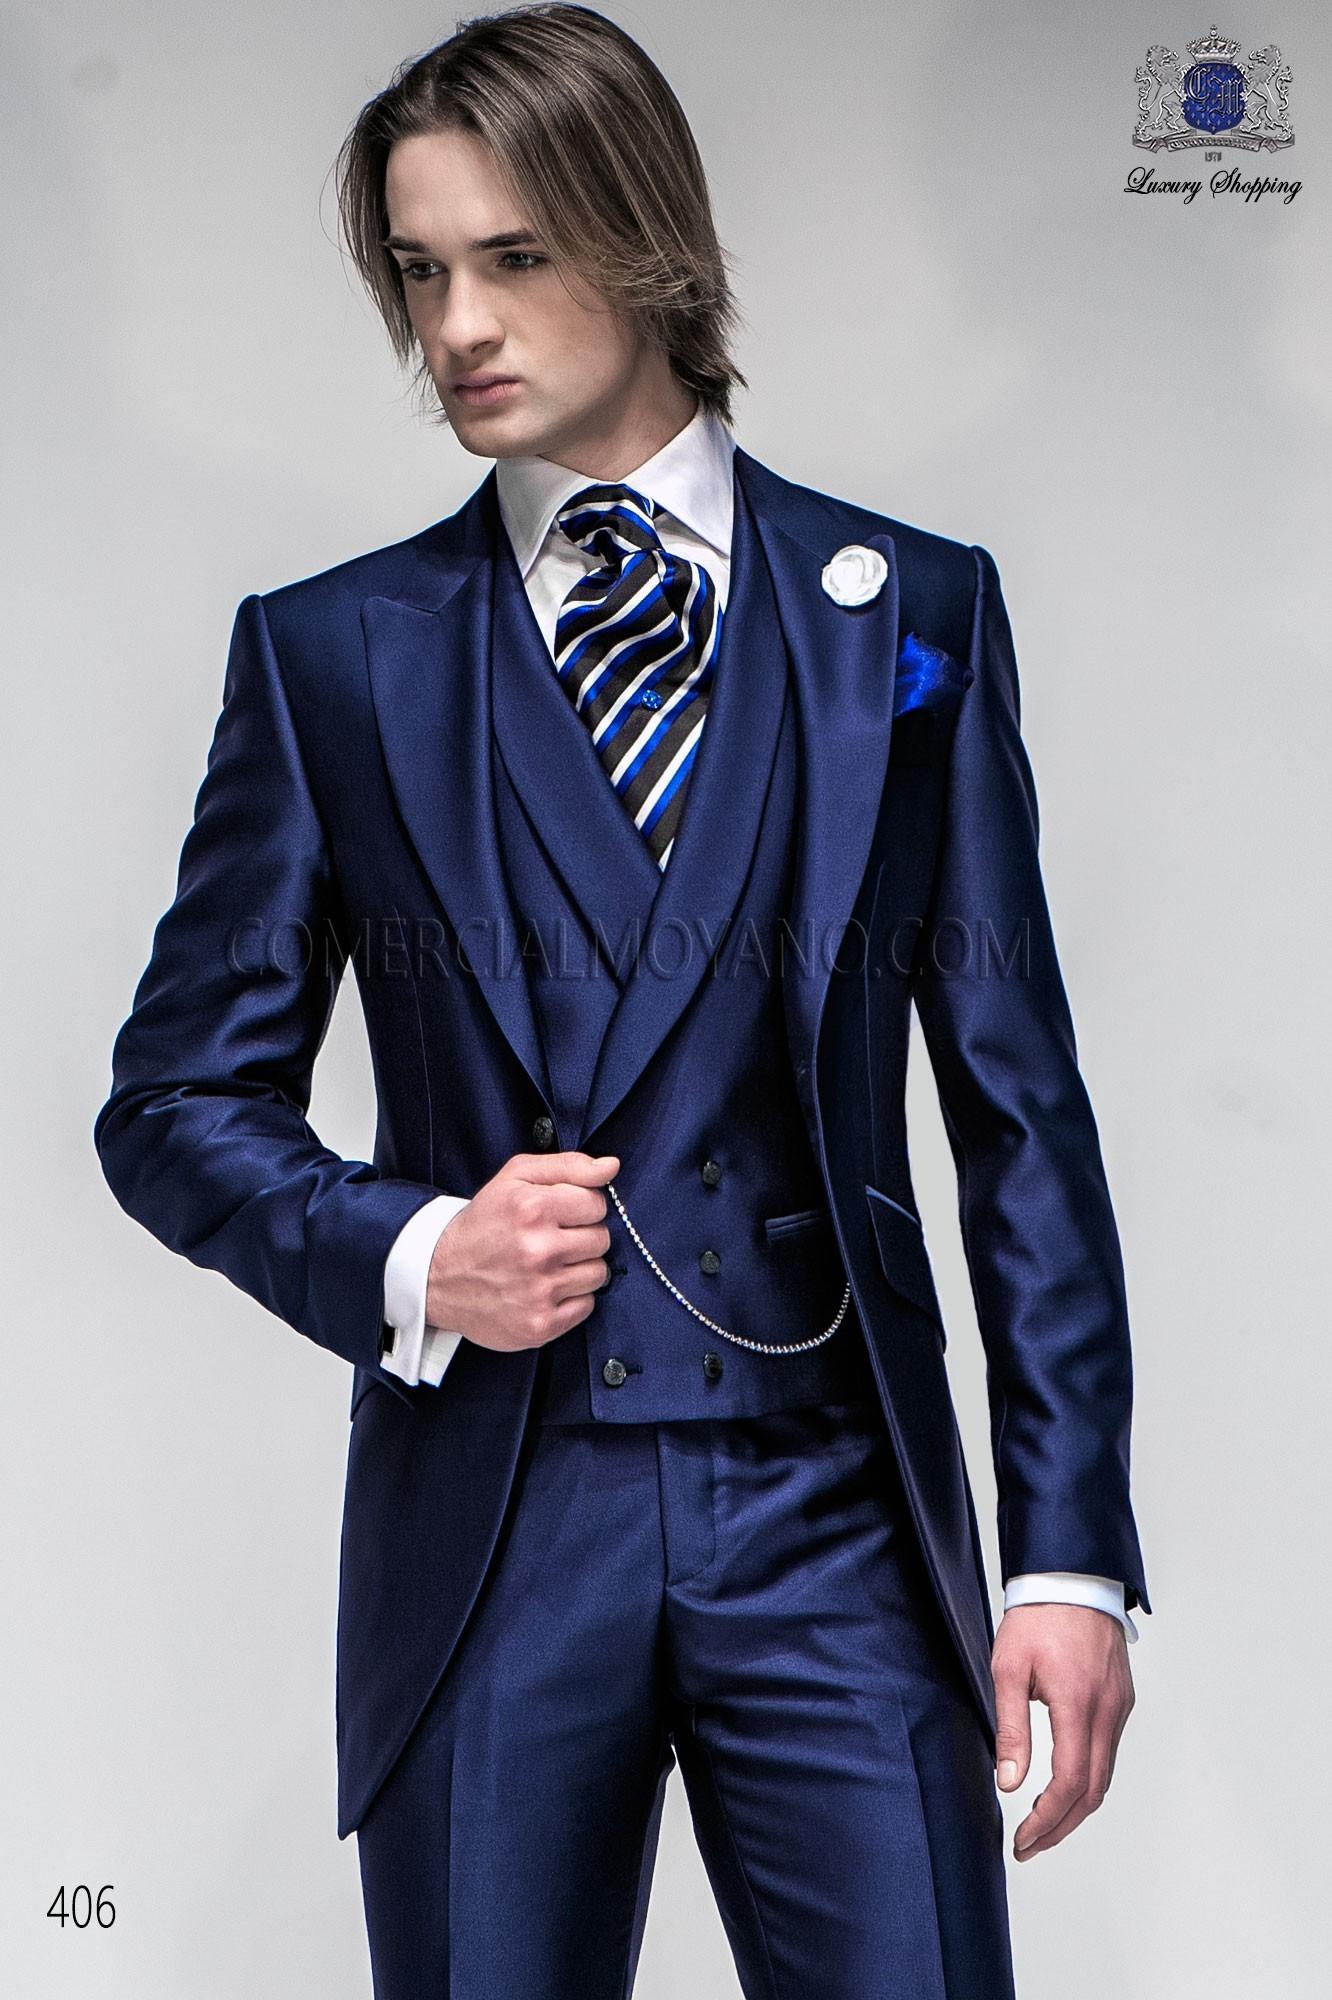 Traje de novio italiano semilevita azul efecto metalizado en tejido New Performance, con un botón y solapa pico, modelo 406 Ottavio Nuccio Gala colección Fashion.